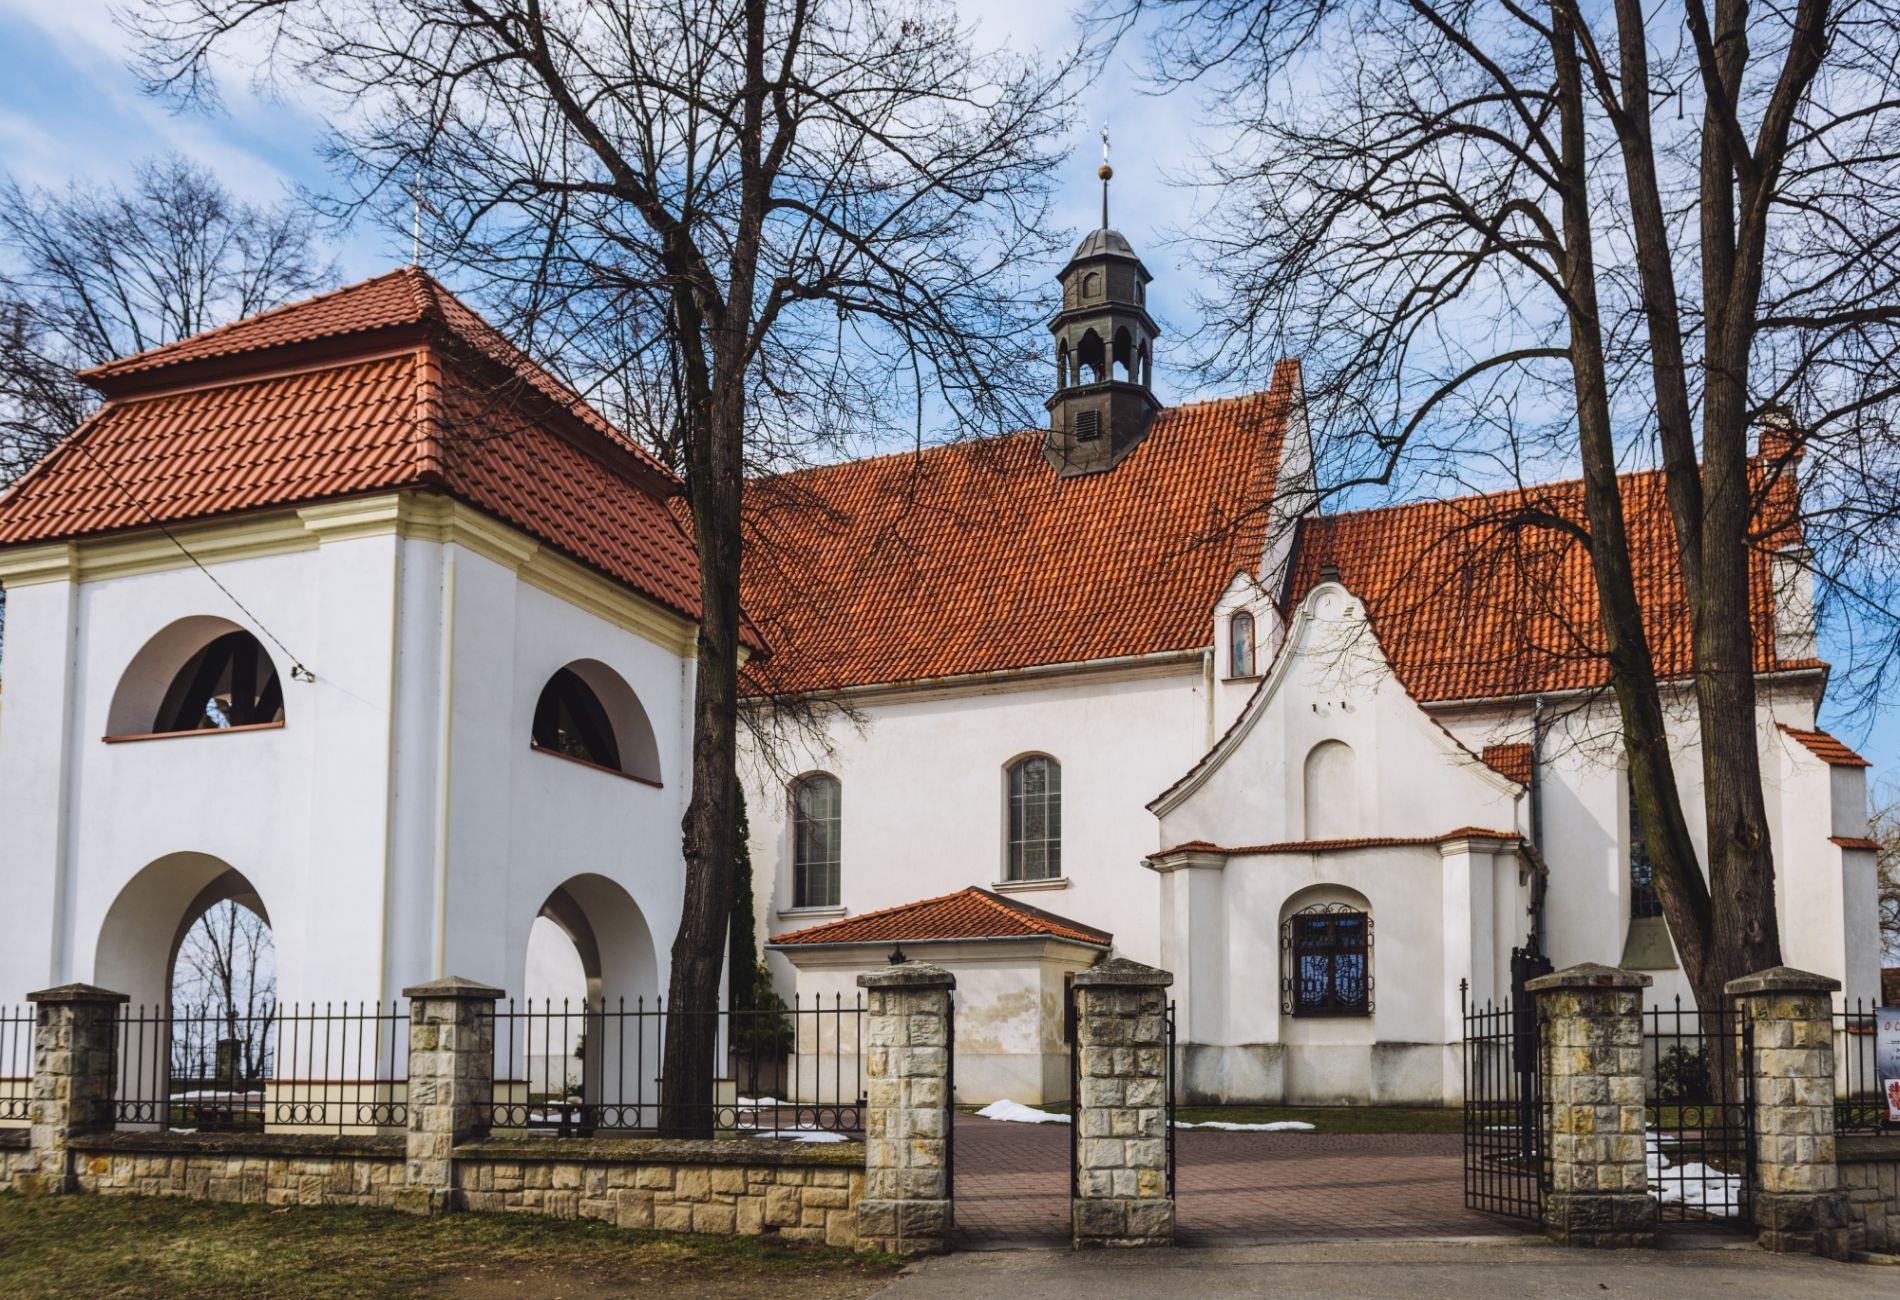 Kościół w Zbylitowskiej Górze (źródło: materiały prasowe organizatora)